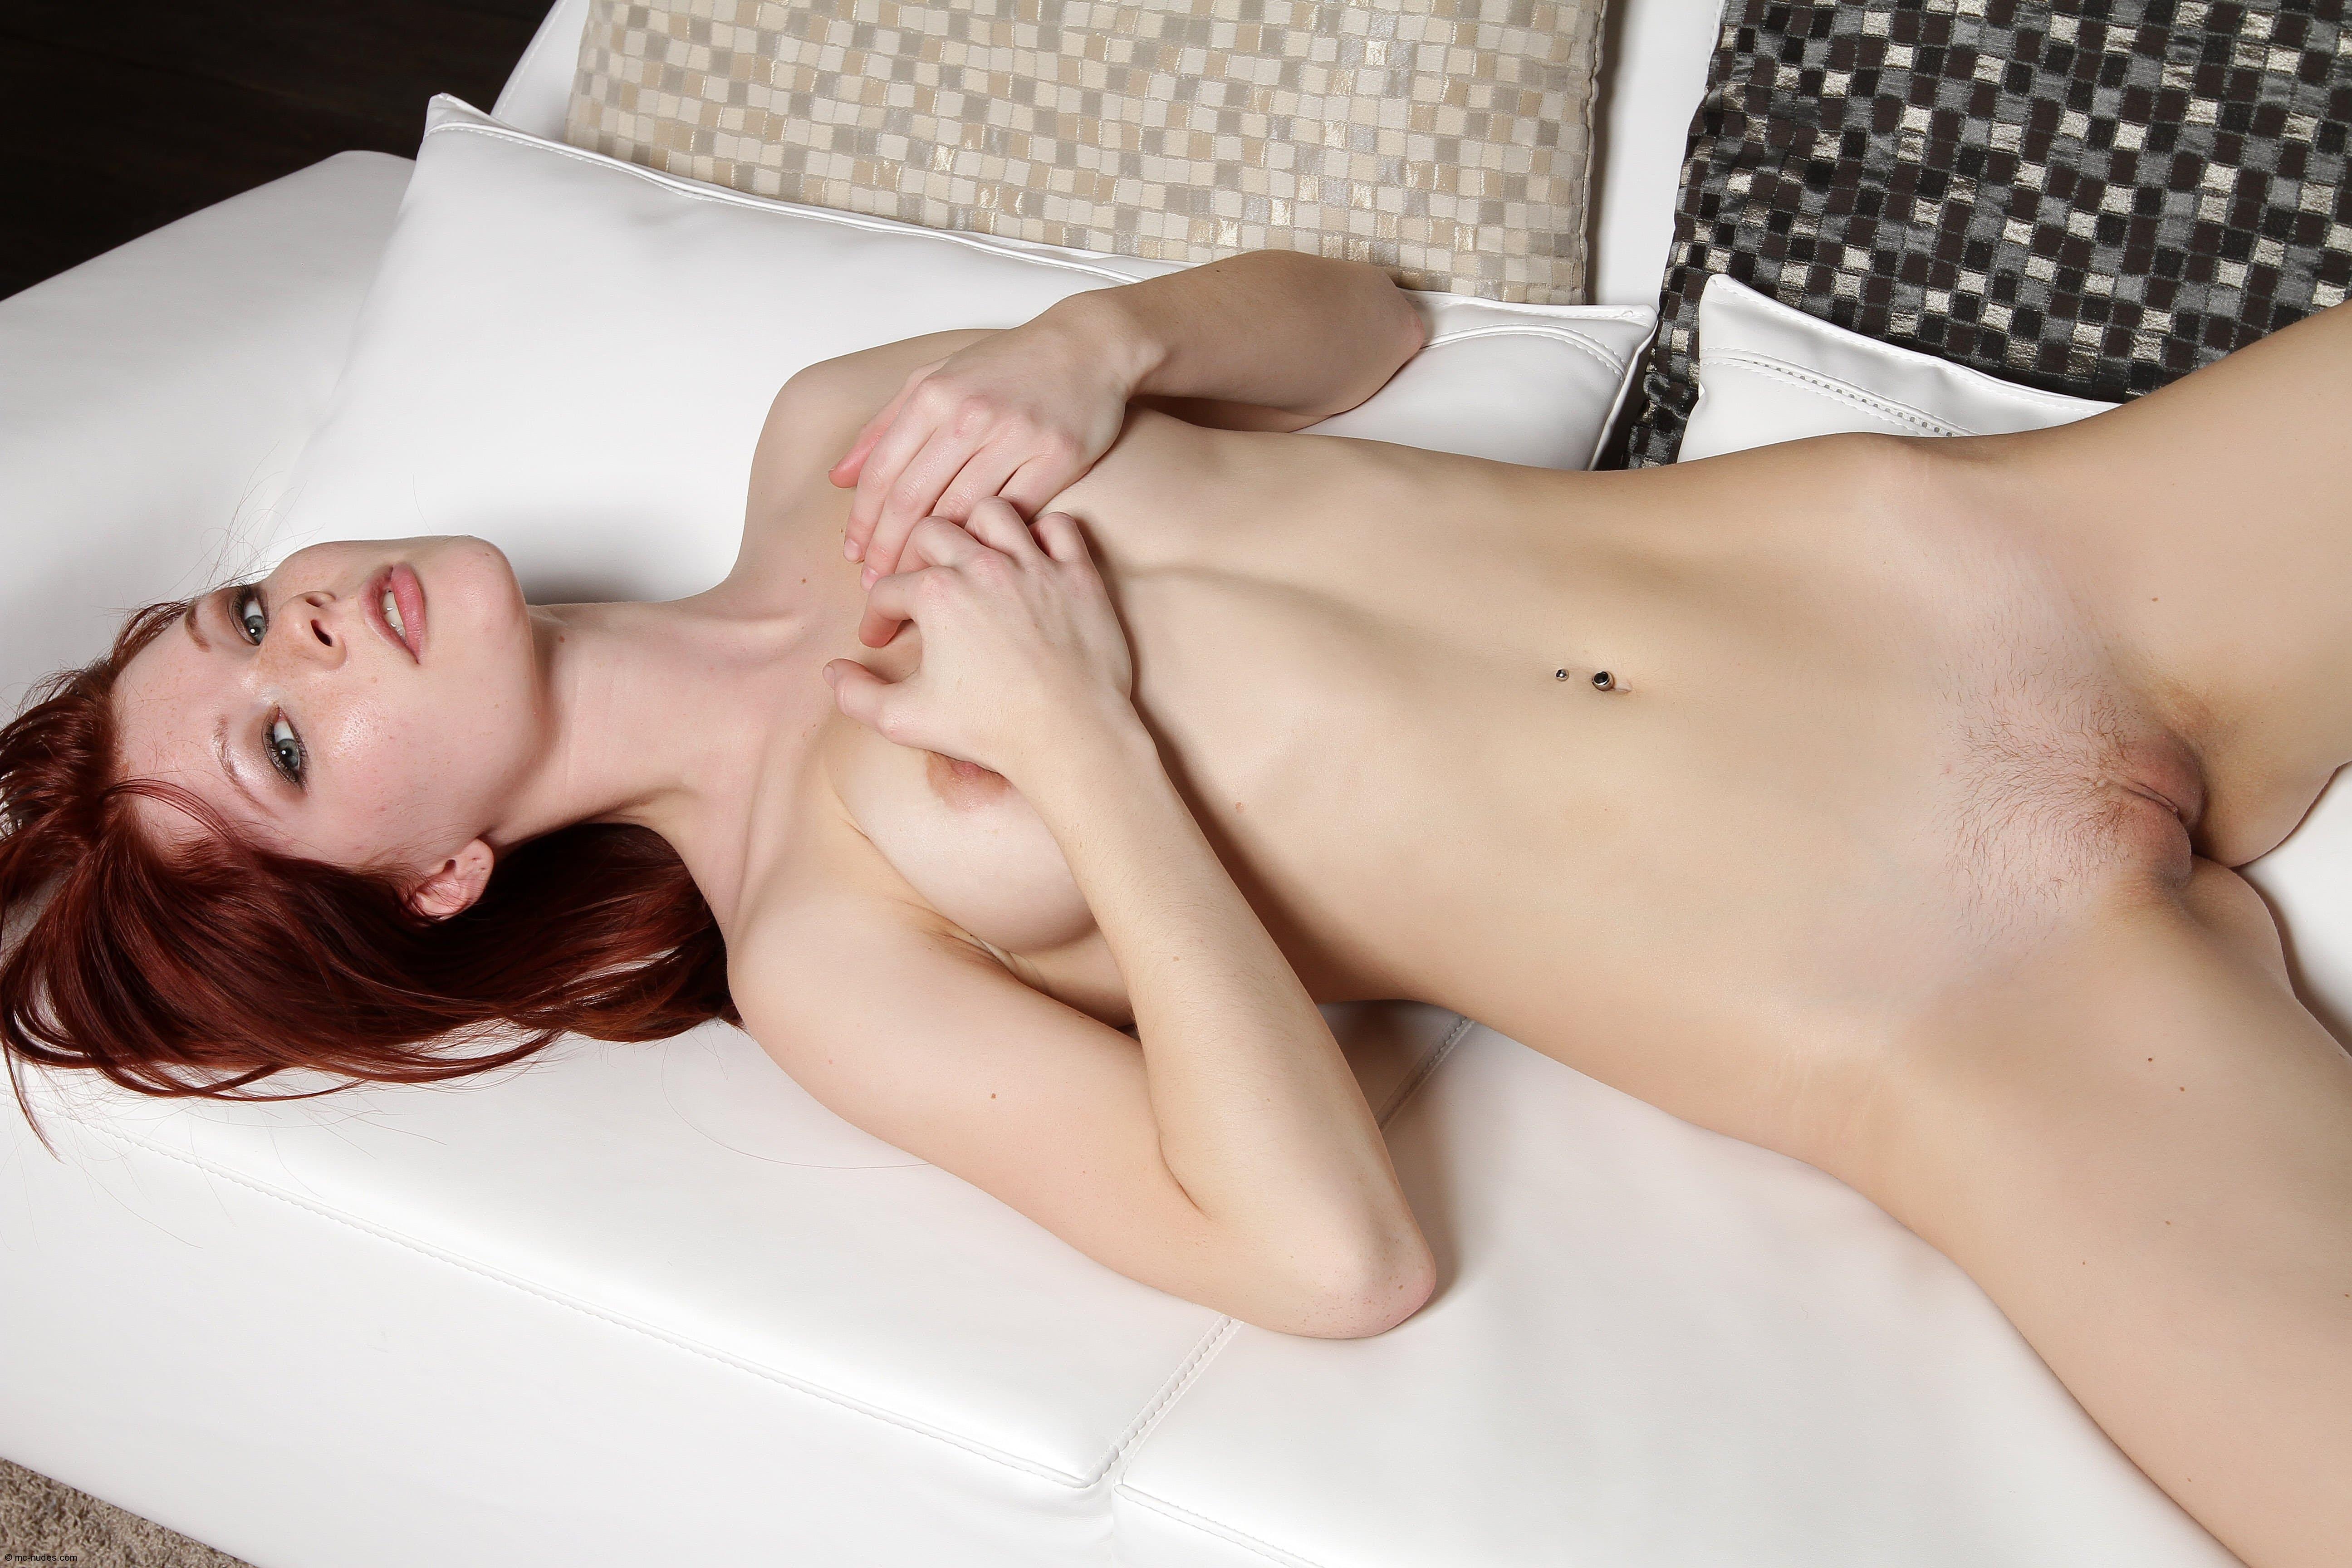 Раздетая рыжая девушка с татуировкой на спине - фото